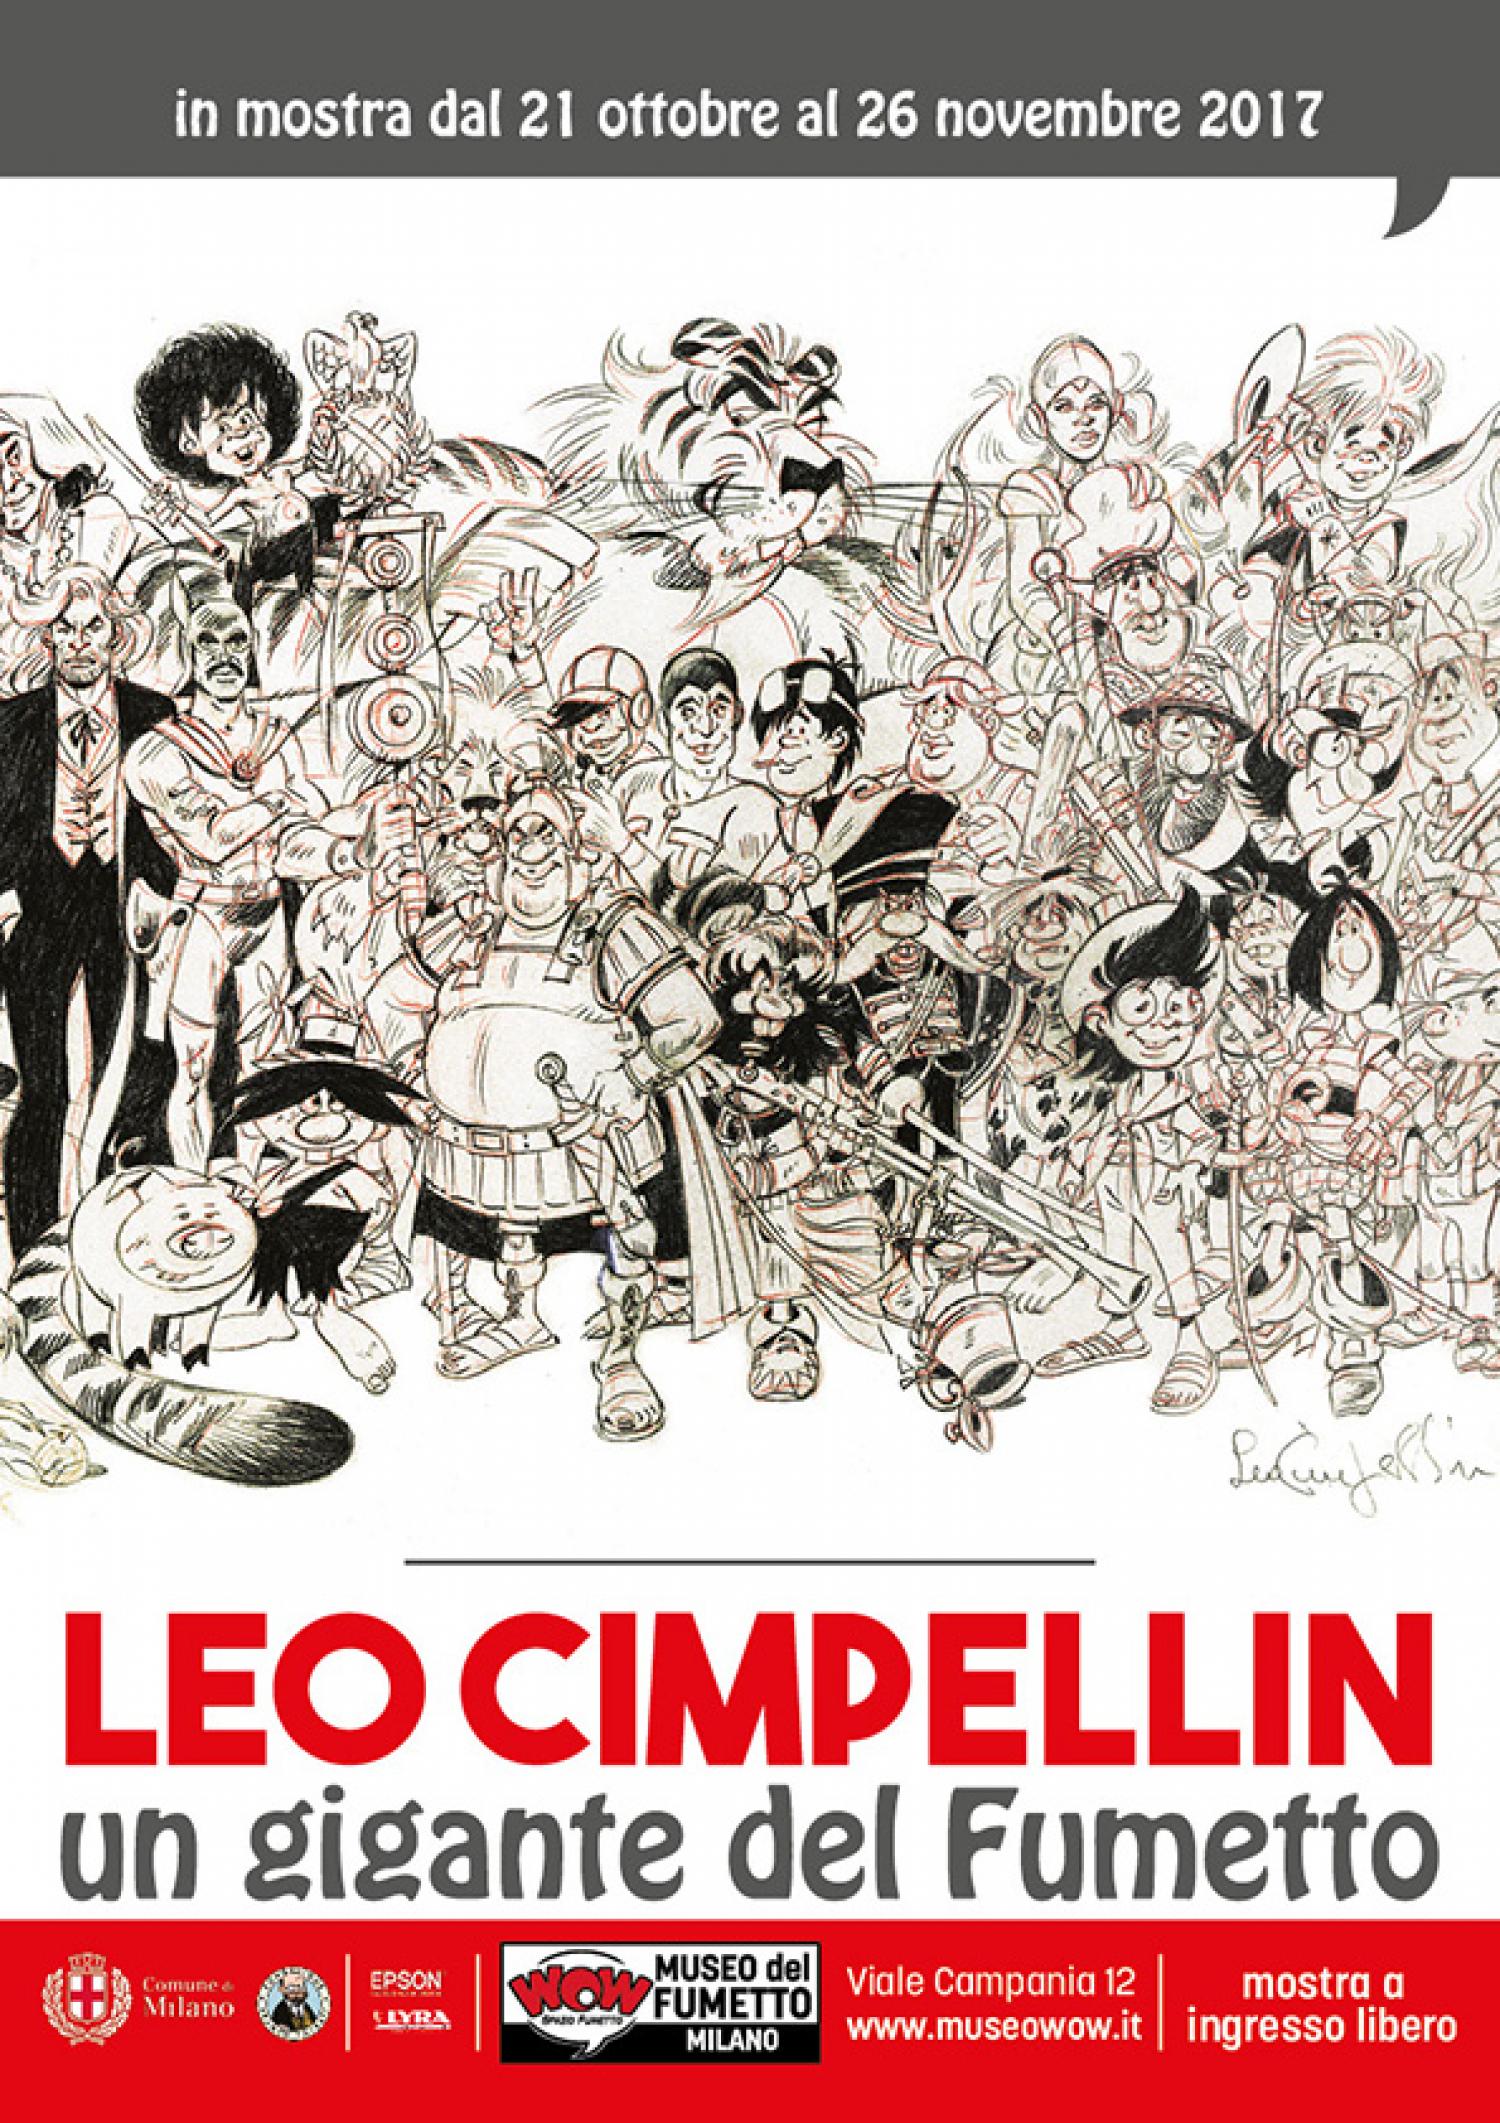 """<p><strong>Leone &ldquo;Leo&rdquo; Cimpellin &egrave; stato uno degli artisti pi&ugrave; importanti e attivi del fumetto italiano, con una carriera lunga quasi settant&rsquo;anni. Un vero &ldquo;maestro&rdquo; del fumetto</strong>,&nbsp;che non solo ha collaborato con le pi&ugrave; importanti testate e case editrici del settore ma ha anche formato, all&rsquo;interno del suo studio, alcuni dei maggiori artisti della successiva generazione, in una pratica di &ldquo;bottega artistica&rdquo; oggi scomparsa. Oltre a un&#39;enorme produzione per il <em>Corriere dei Piccoli</em>, Cimpellin ha realizzato anche tante storie d&rsquo;avventura, ha disegnato avventure ispirate a popolari serie a disegni animati e per molti anni ha mantenuto attivo uno Studio dove si sono formati molti autori di oggi, condiviso con Carlo Ambrosini, Enea Riboldi e Giampiero Casertano. &ldquo;Maestro&rdquo; &egrave; il modo migliore per indicare un autore che, oltre ad avere prestato la propria matita per tutti i pi&ugrave; importanti editori, &egrave; sempre stato disponibile a condividere il suo &quot;mestiere&quot; con colleghi e giovani autori, cercando di donare anche a nuove generazioni di artisti la passione e la conoscenza di questo grande mezzo narrativo. <strong>WOW Spazio Fumetto dedica all&rsquo;artista - che ci ha lasciati a novant&#39;anni lo scorso 27 marzo - la mostra a ingresso libero &quot;Leo Cimpellin, un gigante del fumetto&quot; (21 ottobre-26 novembre)</strong>. Grazie alla <strong>preziosa collaborazione della famiglia Cimpellin</strong> e agli <strong>archivi della <a target=""""_blank"""" href=""""http://www.lfb.it/fff/index.htm"""">Fondazione Franco Fossati</a> e della casa editrice <a target=""""_blank"""" href=""""https://www.diabolik.it"""">Astorina</a></strong>, vengono esposte tavole originali di sue creazioni tra le pi&ugrave; significative, da <strong>Carletto Sprint</strong> a <strong>Tribunzio</strong>, da <strong>Gianni &amp; Rob8</strong> a <strong>Jonny Logan</strong>, senza dimenti"""